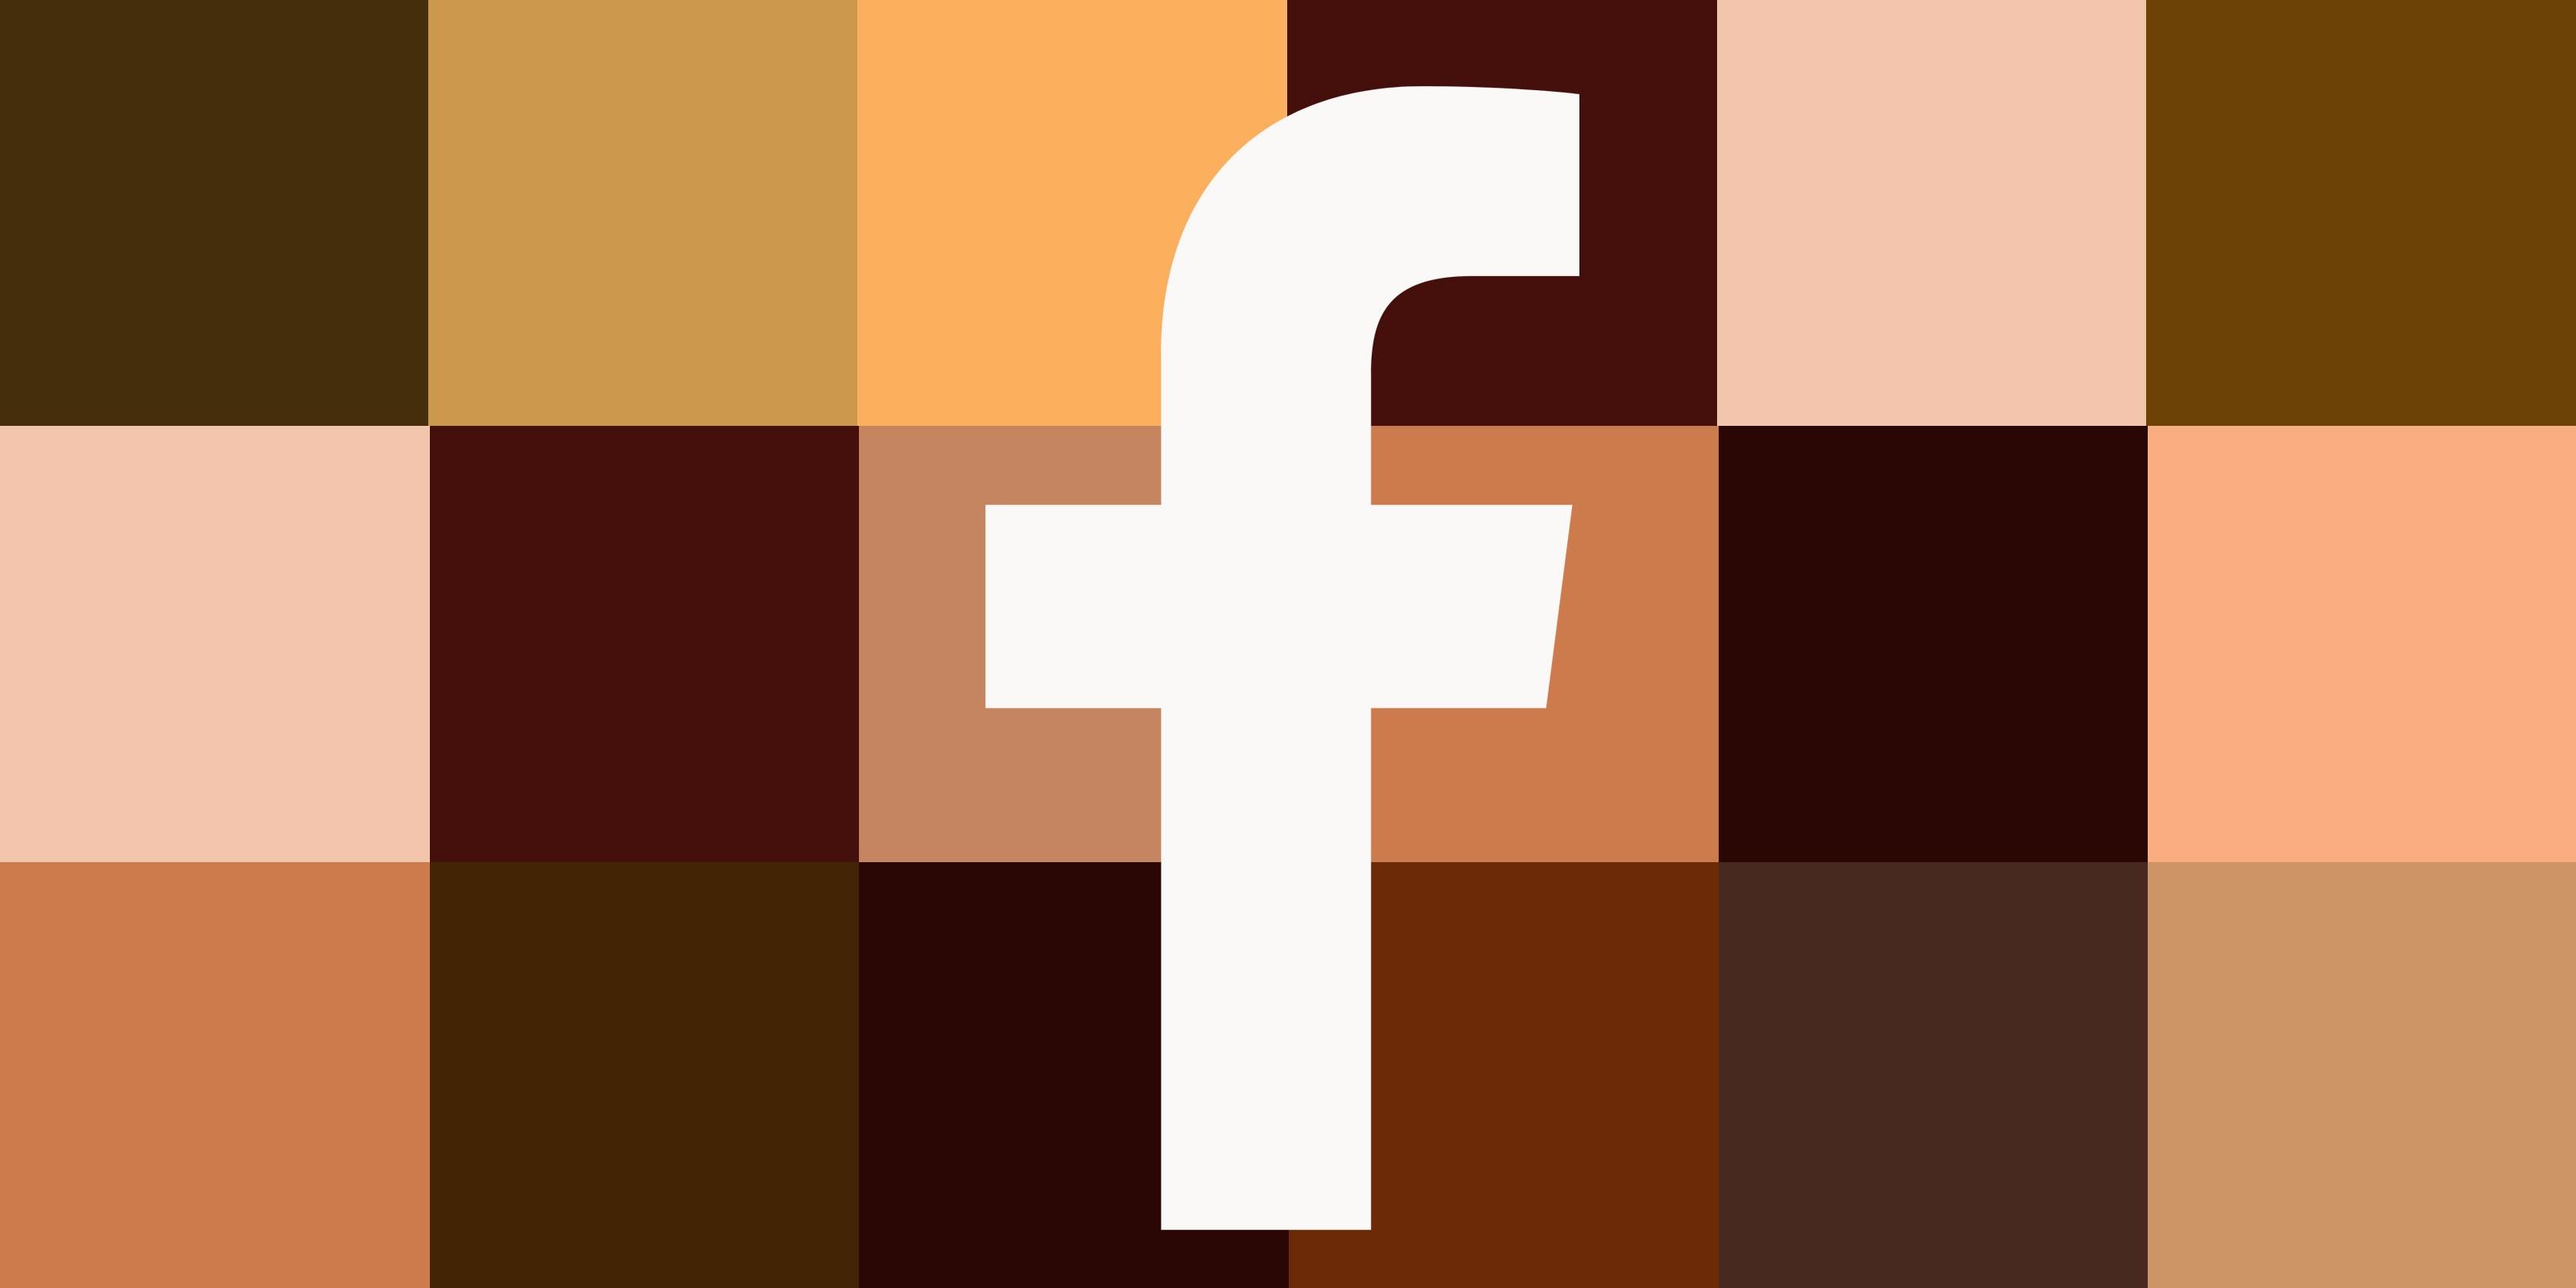 フェイスブック広告が 「差別」を排除できない 根本的な理由